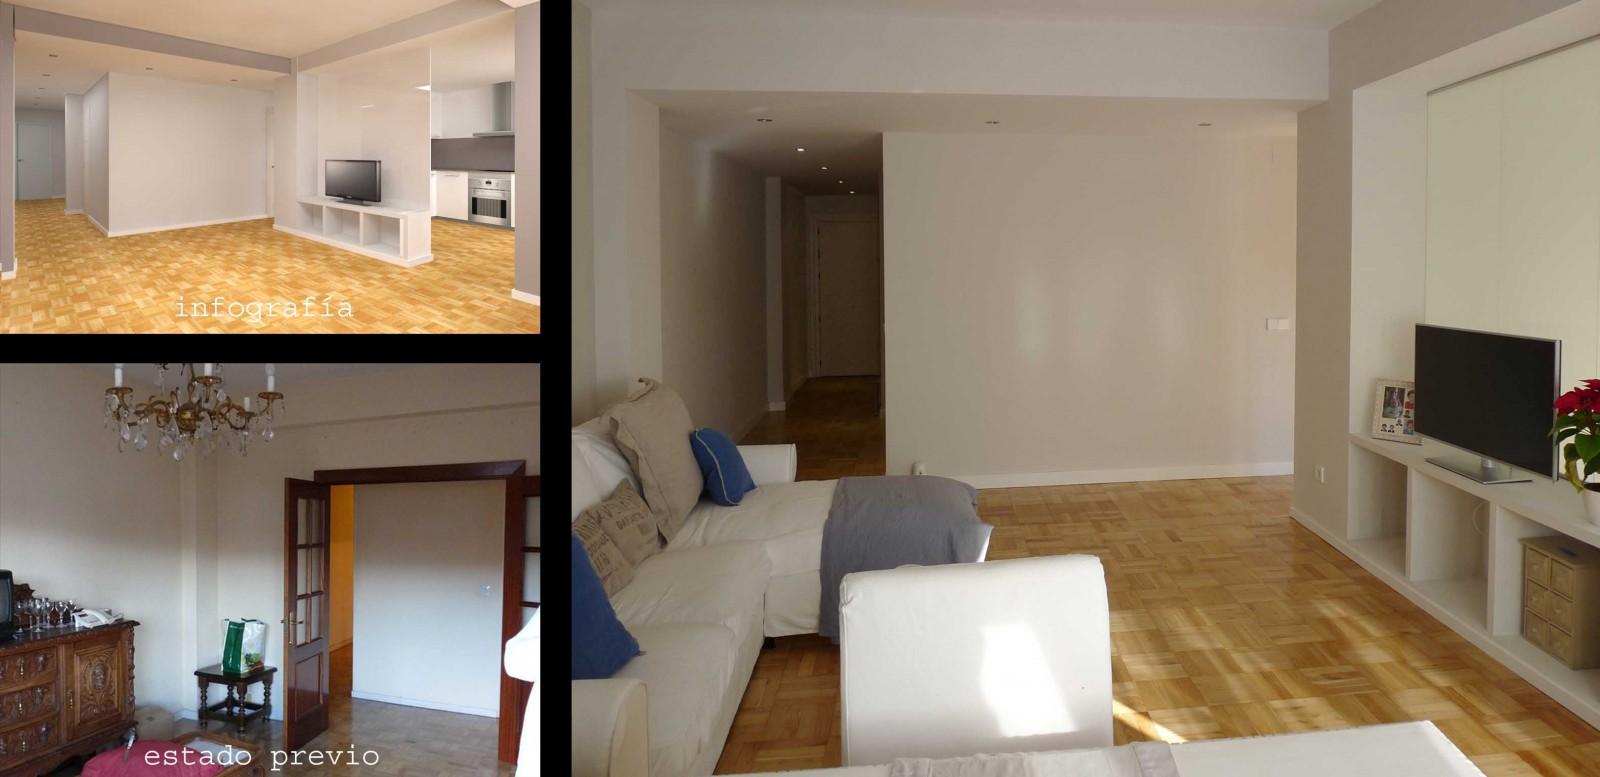 Se ensanchó el pasillo de acceso a la vivienda para que la claridad llegue hasta la entrada y también cupiese un mueble para almacenaje.